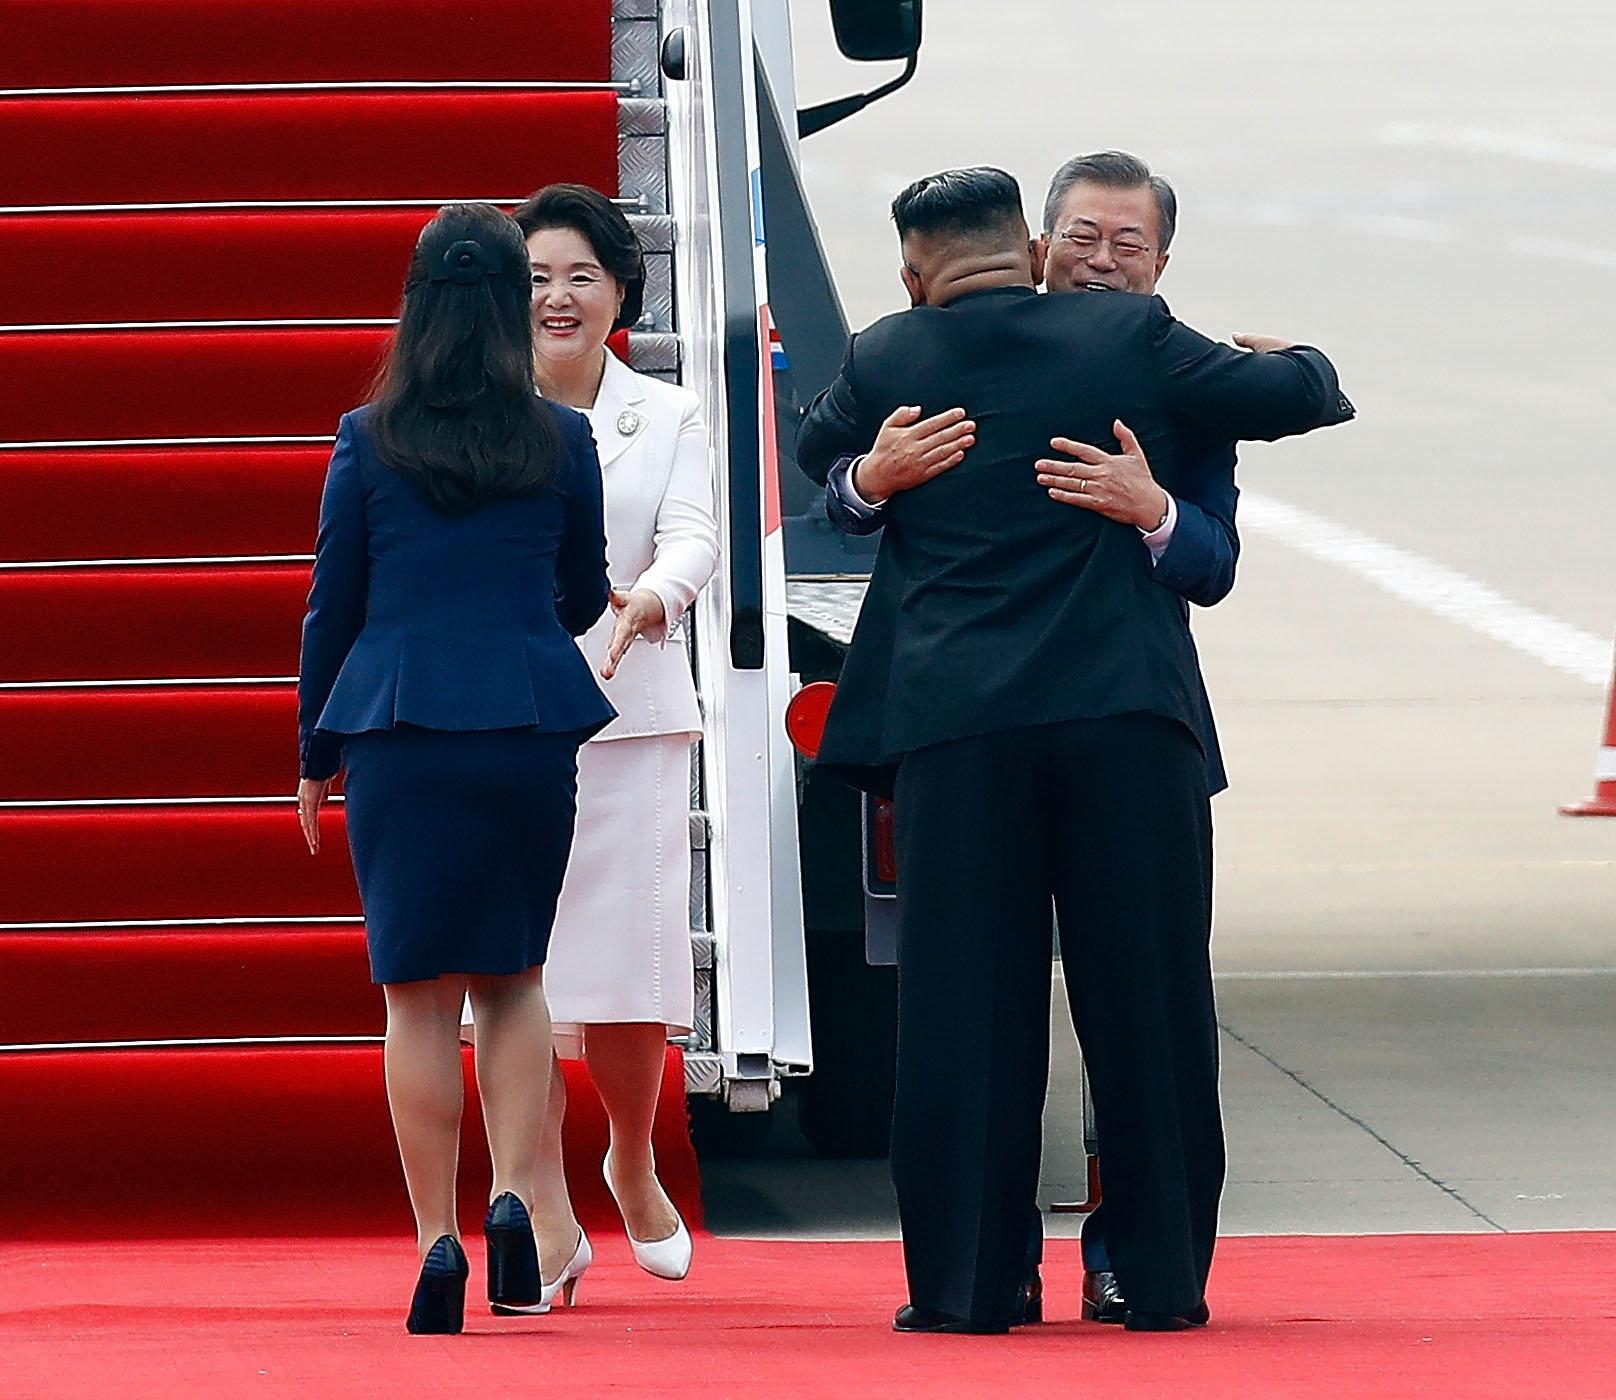 Korea-Gipfel: Diese Gesten sorgen für Entsetzen in